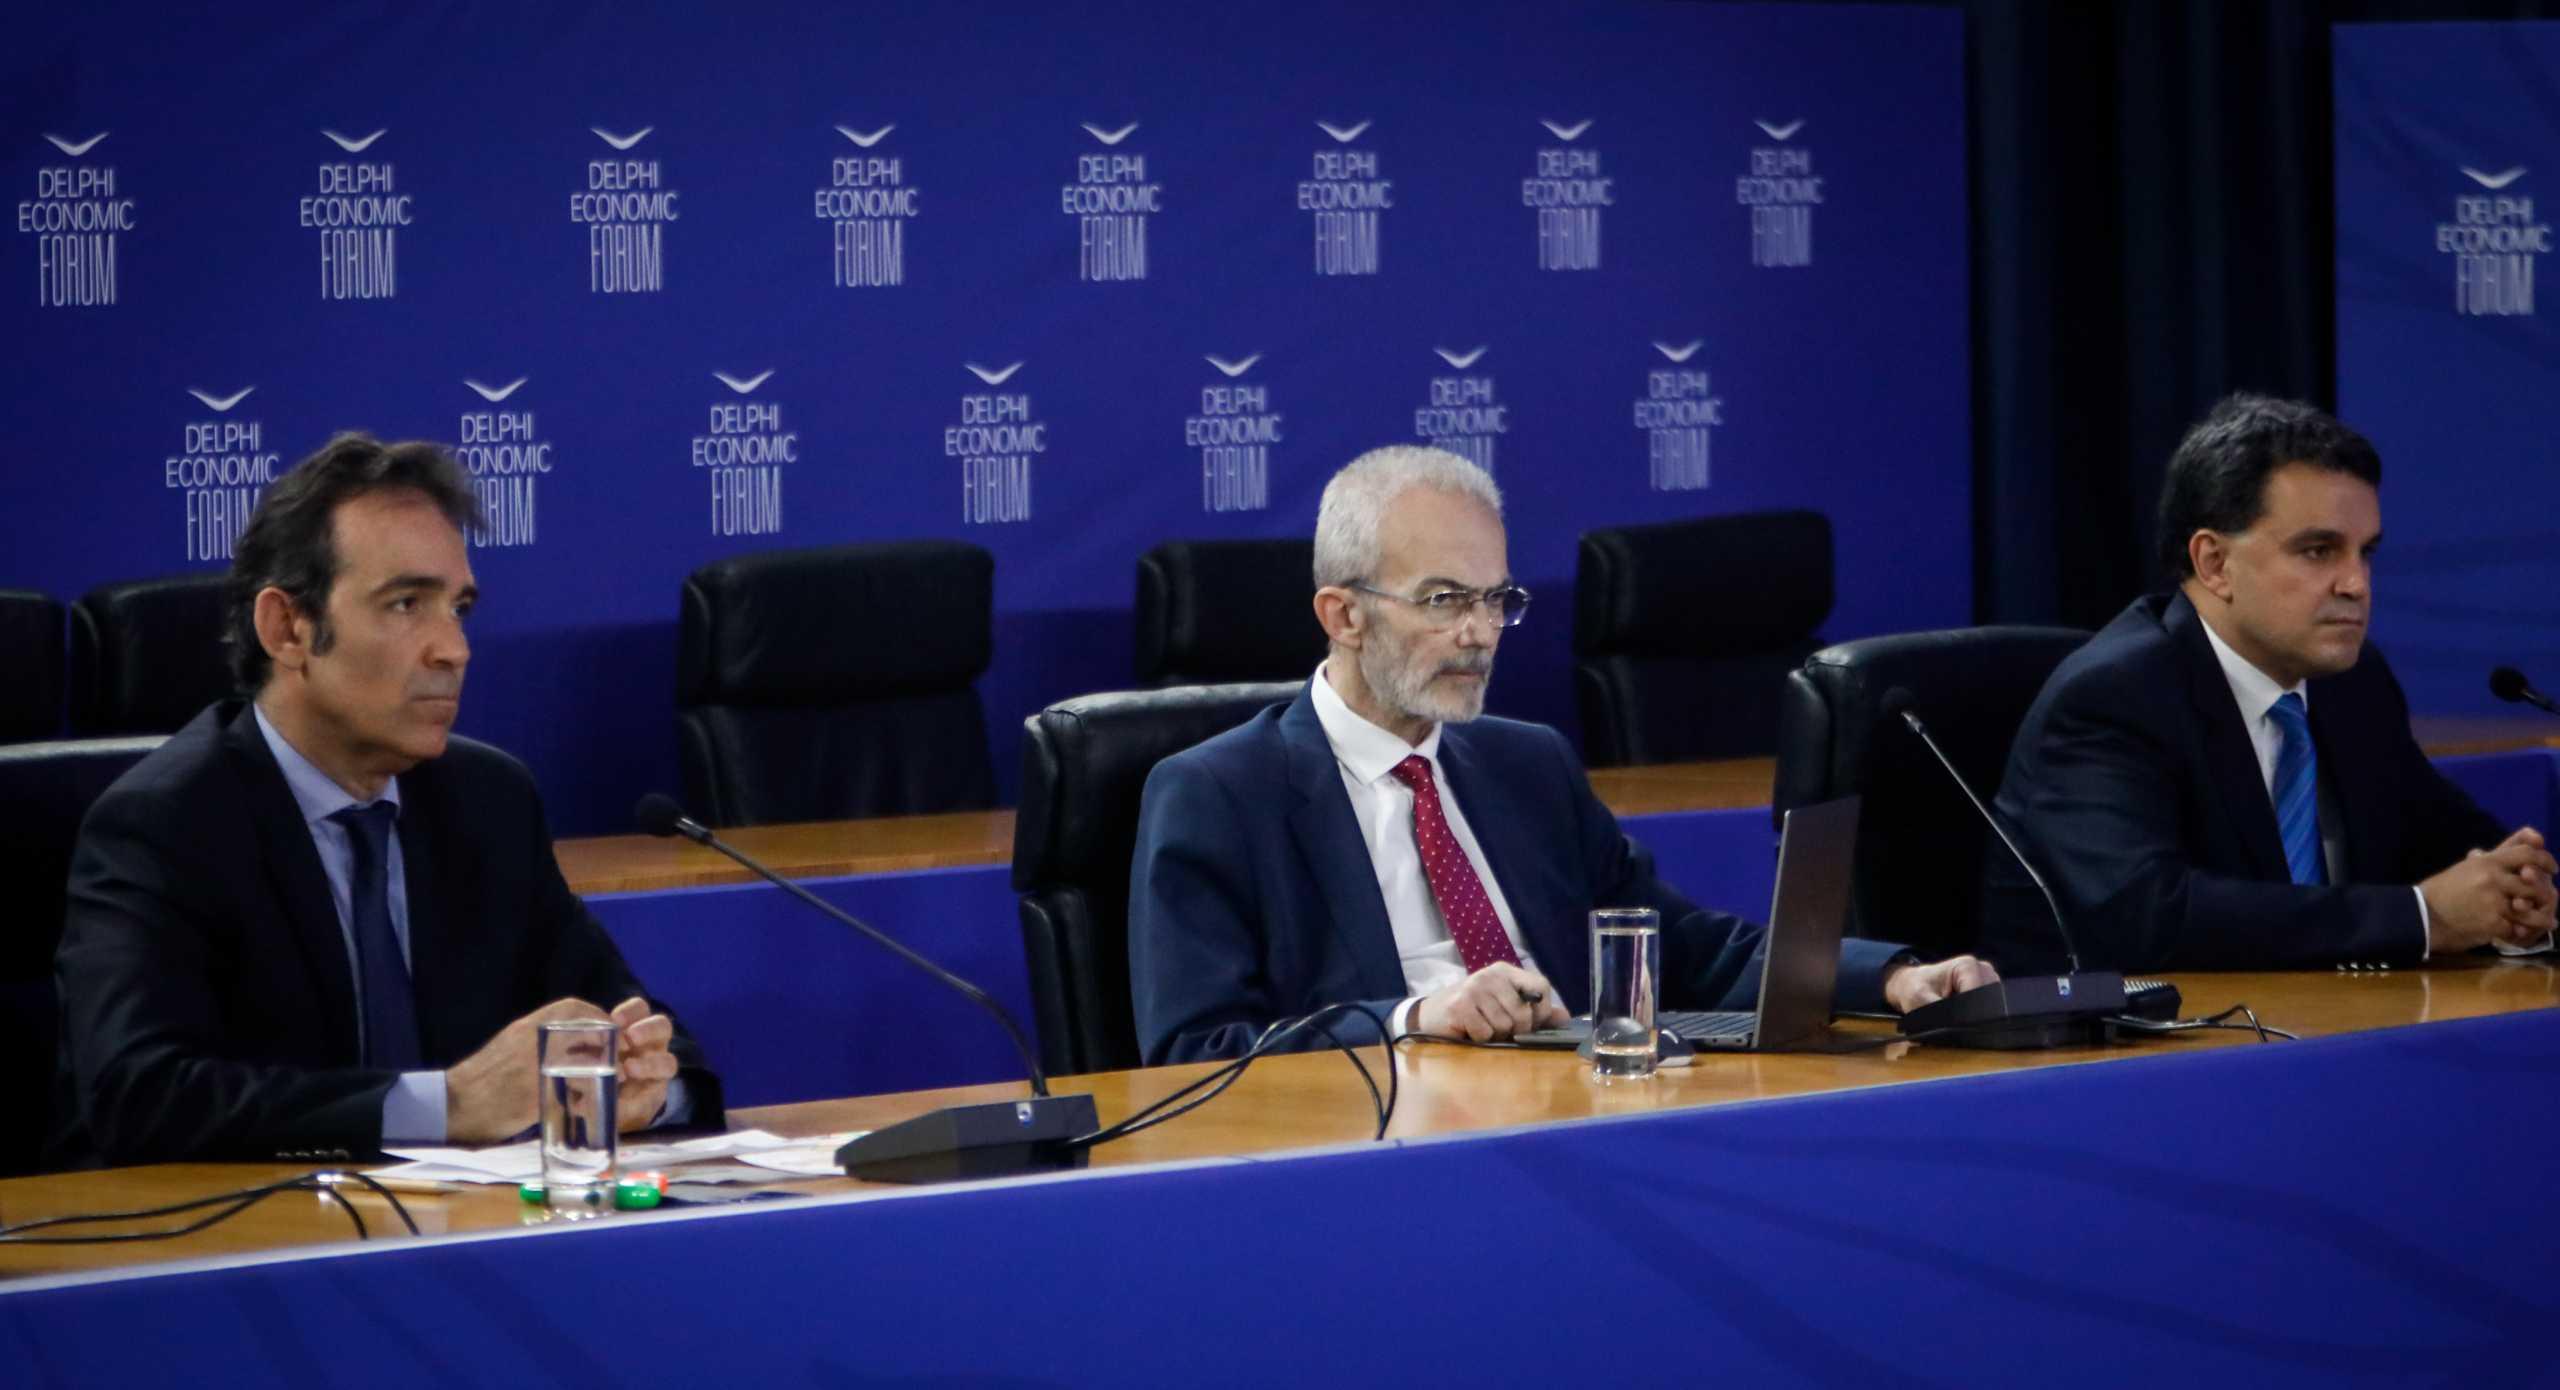 Έρευνα: Έλληνες και Τούρκοι επιθυμούν ειρηνική διευθέτηση των διαφορών